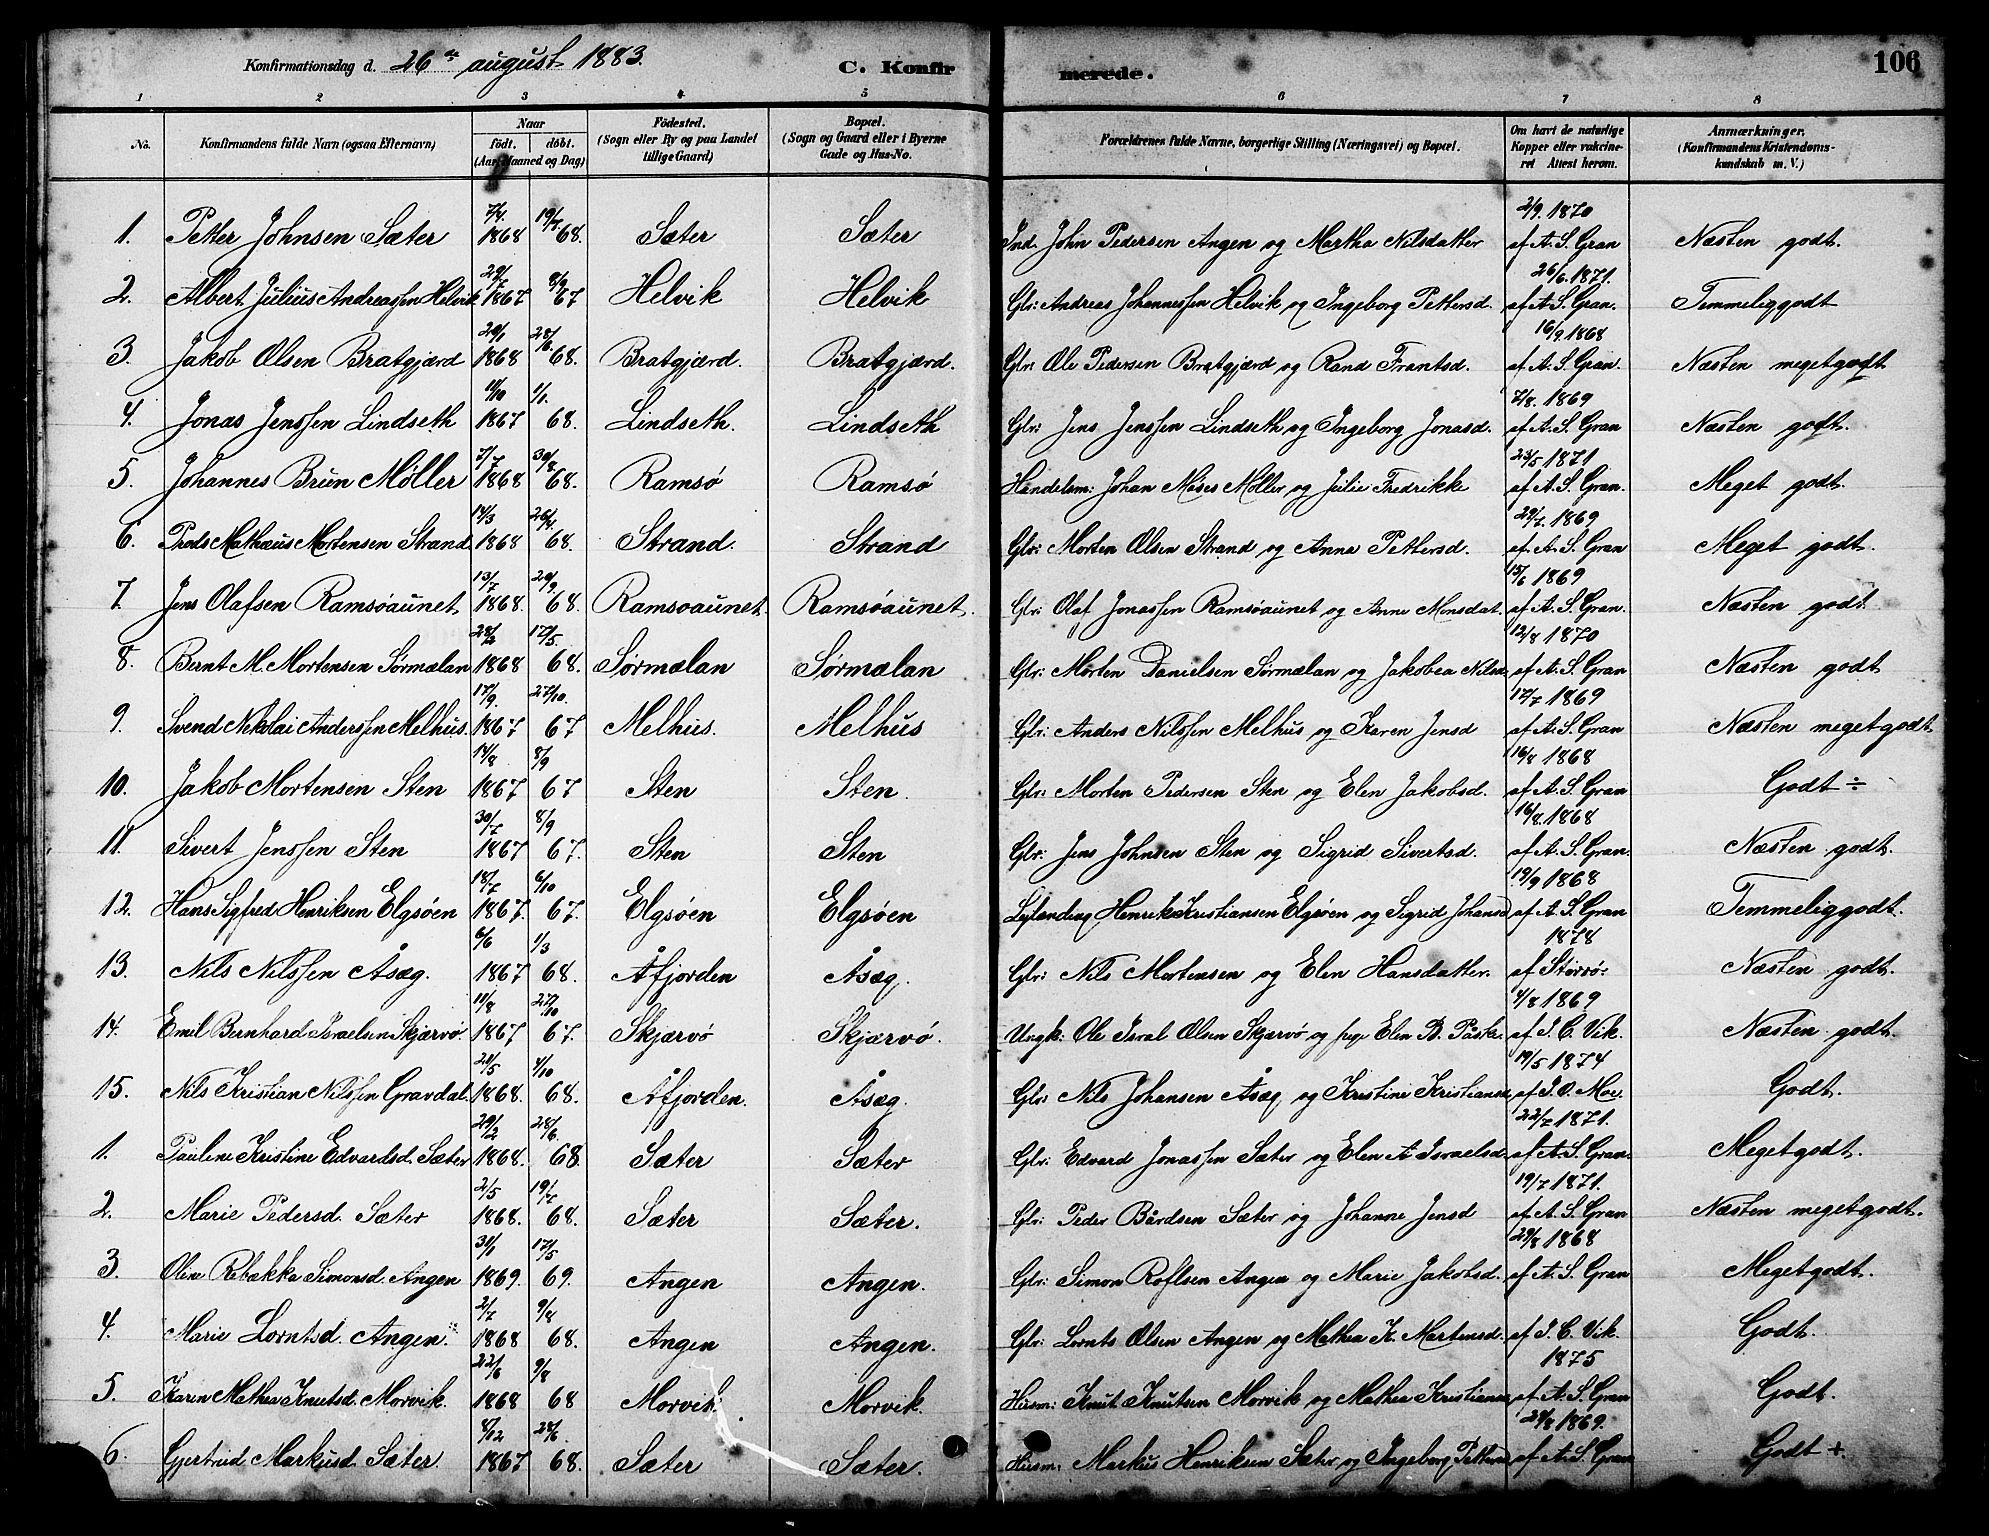 SAT, Ministerialprotokoller, klokkerbøker og fødselsregistre - Sør-Trøndelag, 658/L0726: Klokkerbok nr. 658C02, 1883-1908, s. 106